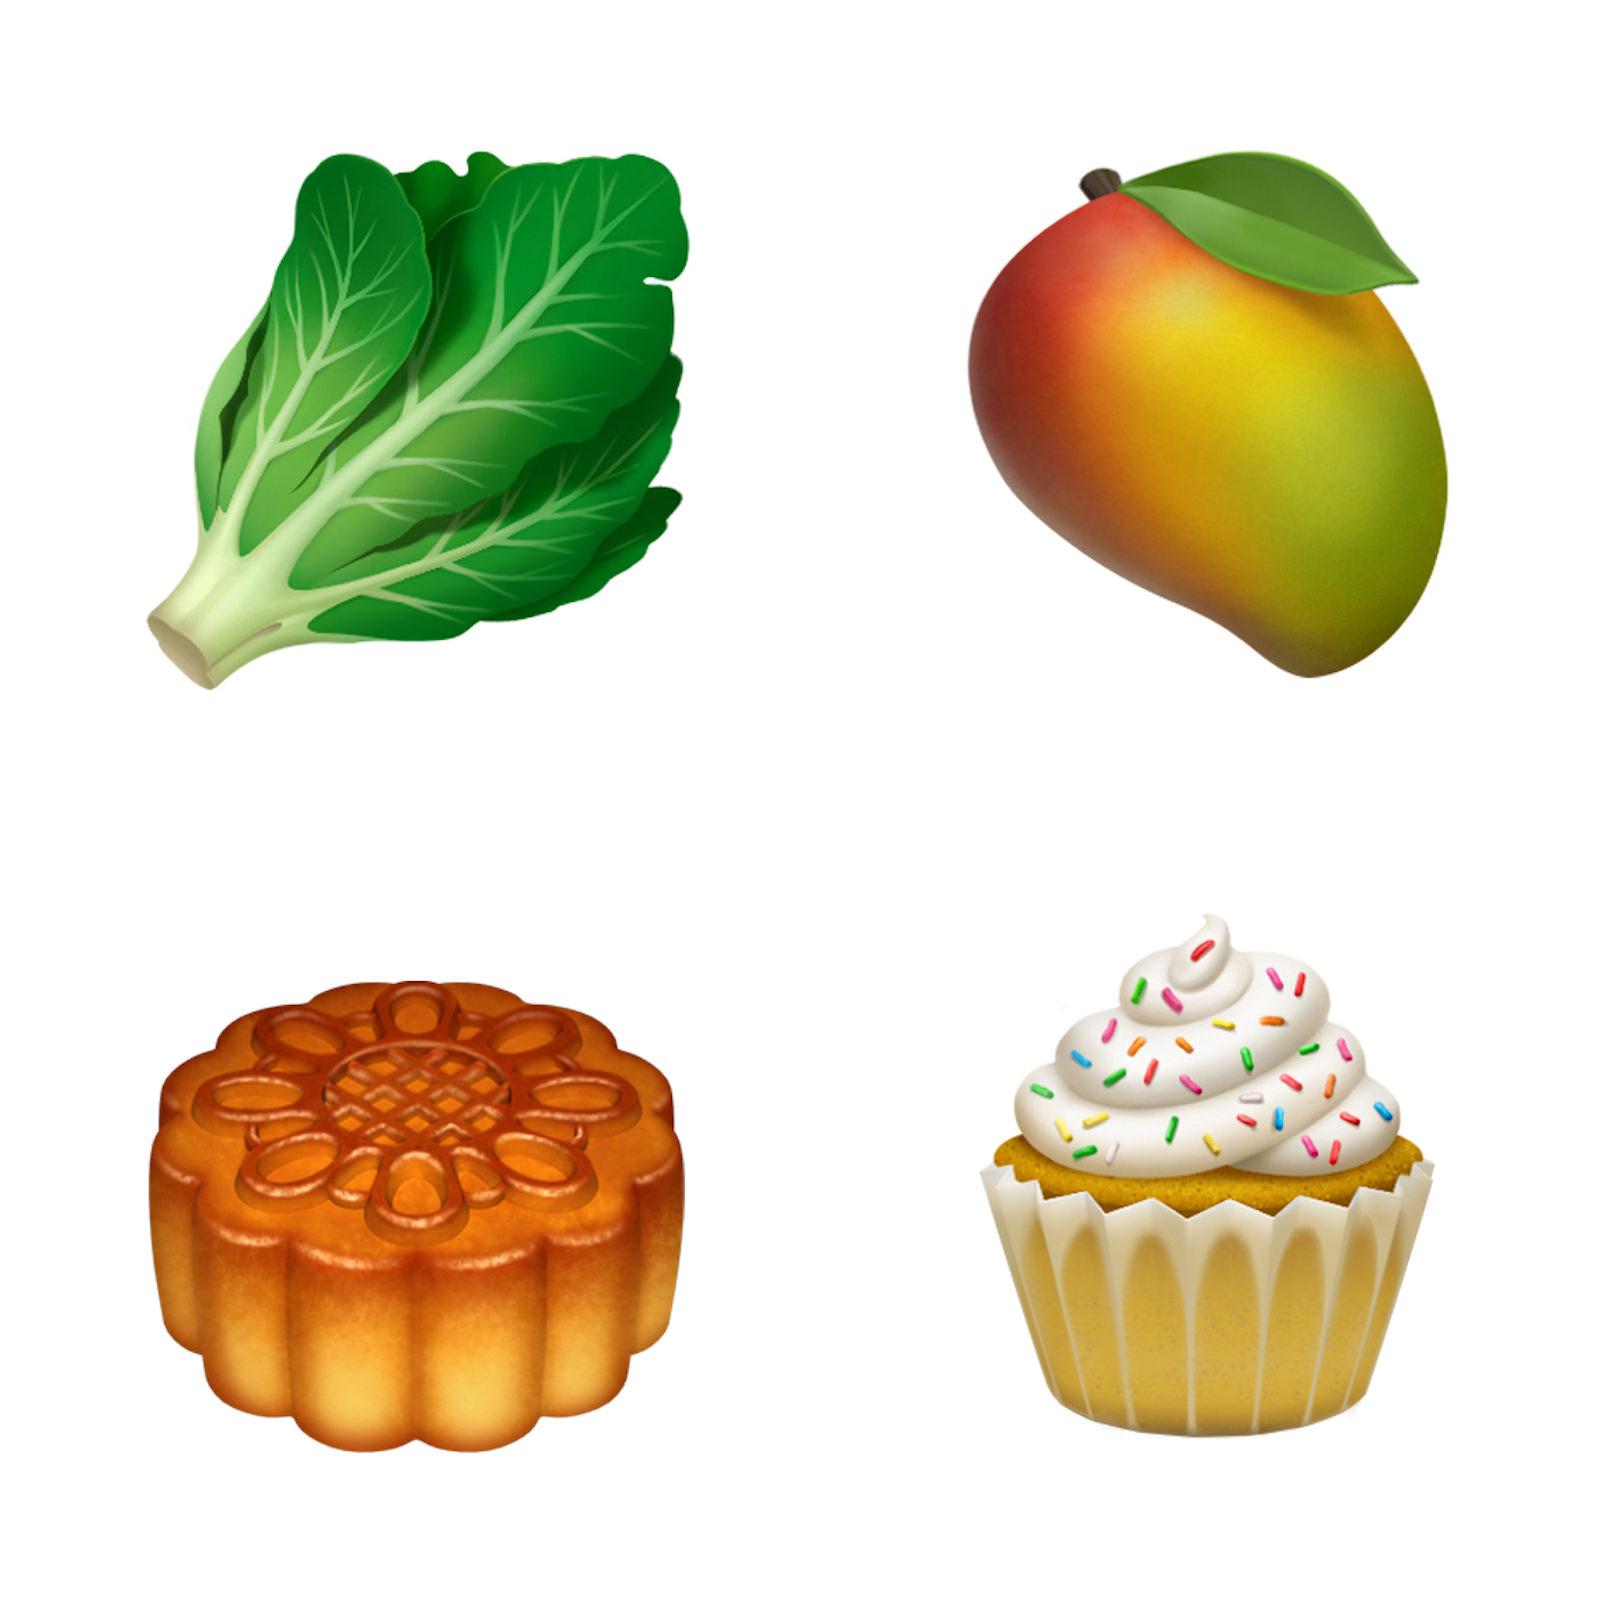 Apple_Emoji_update_2018_4_07162018.jpg